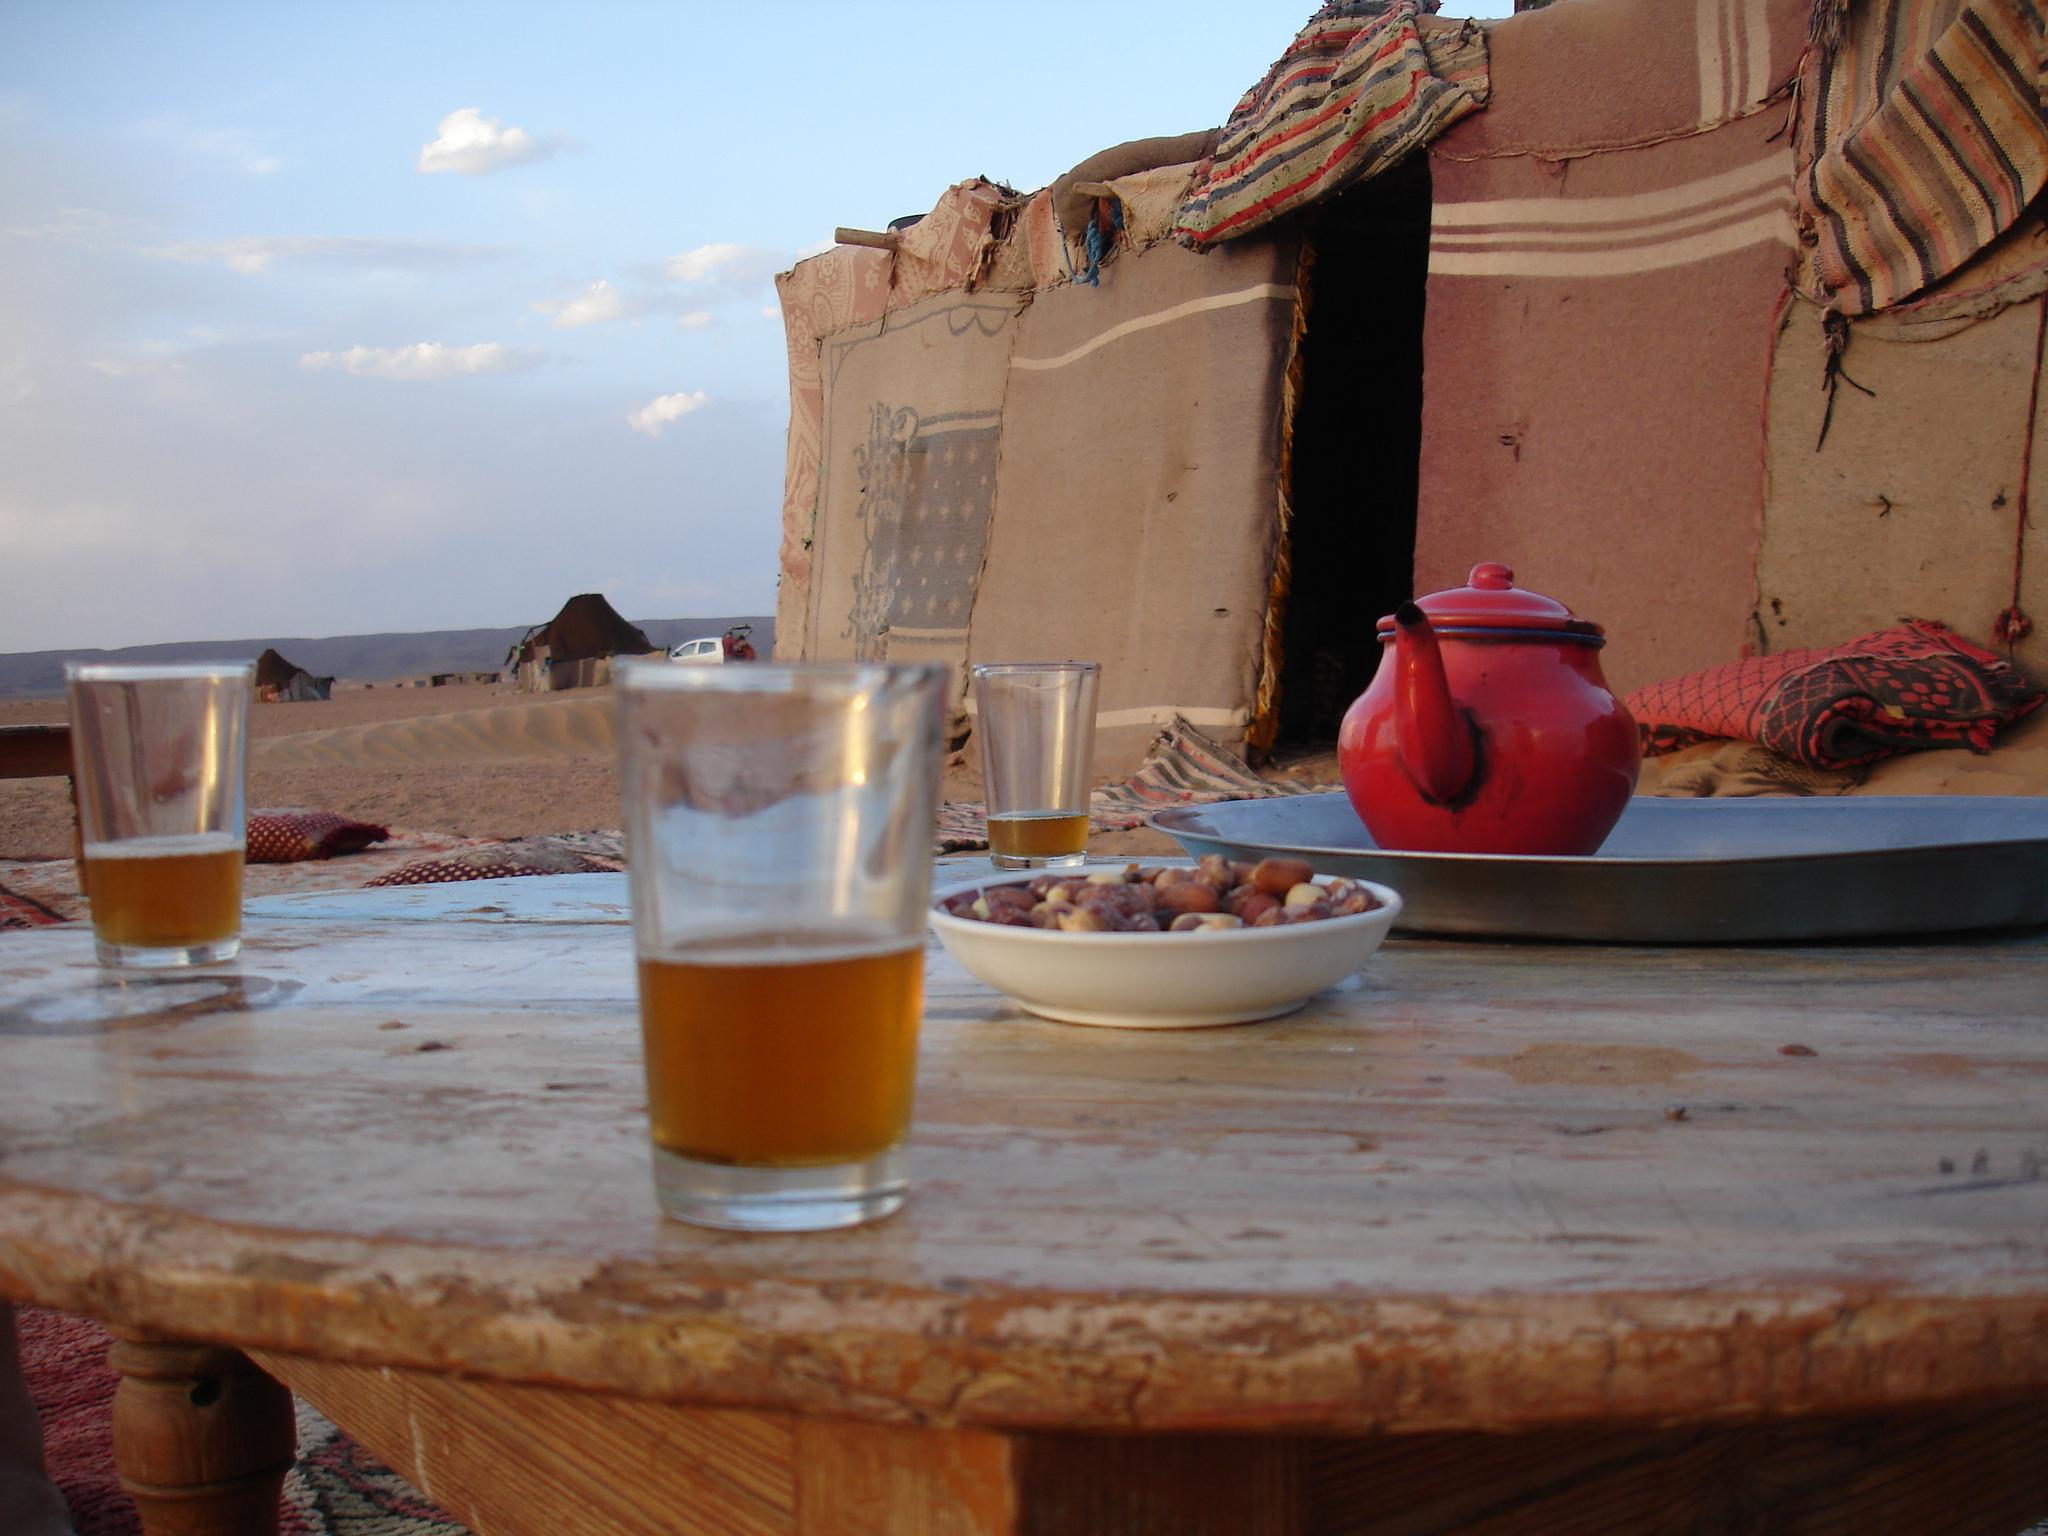 Marrocos # 6 Deserto Saara